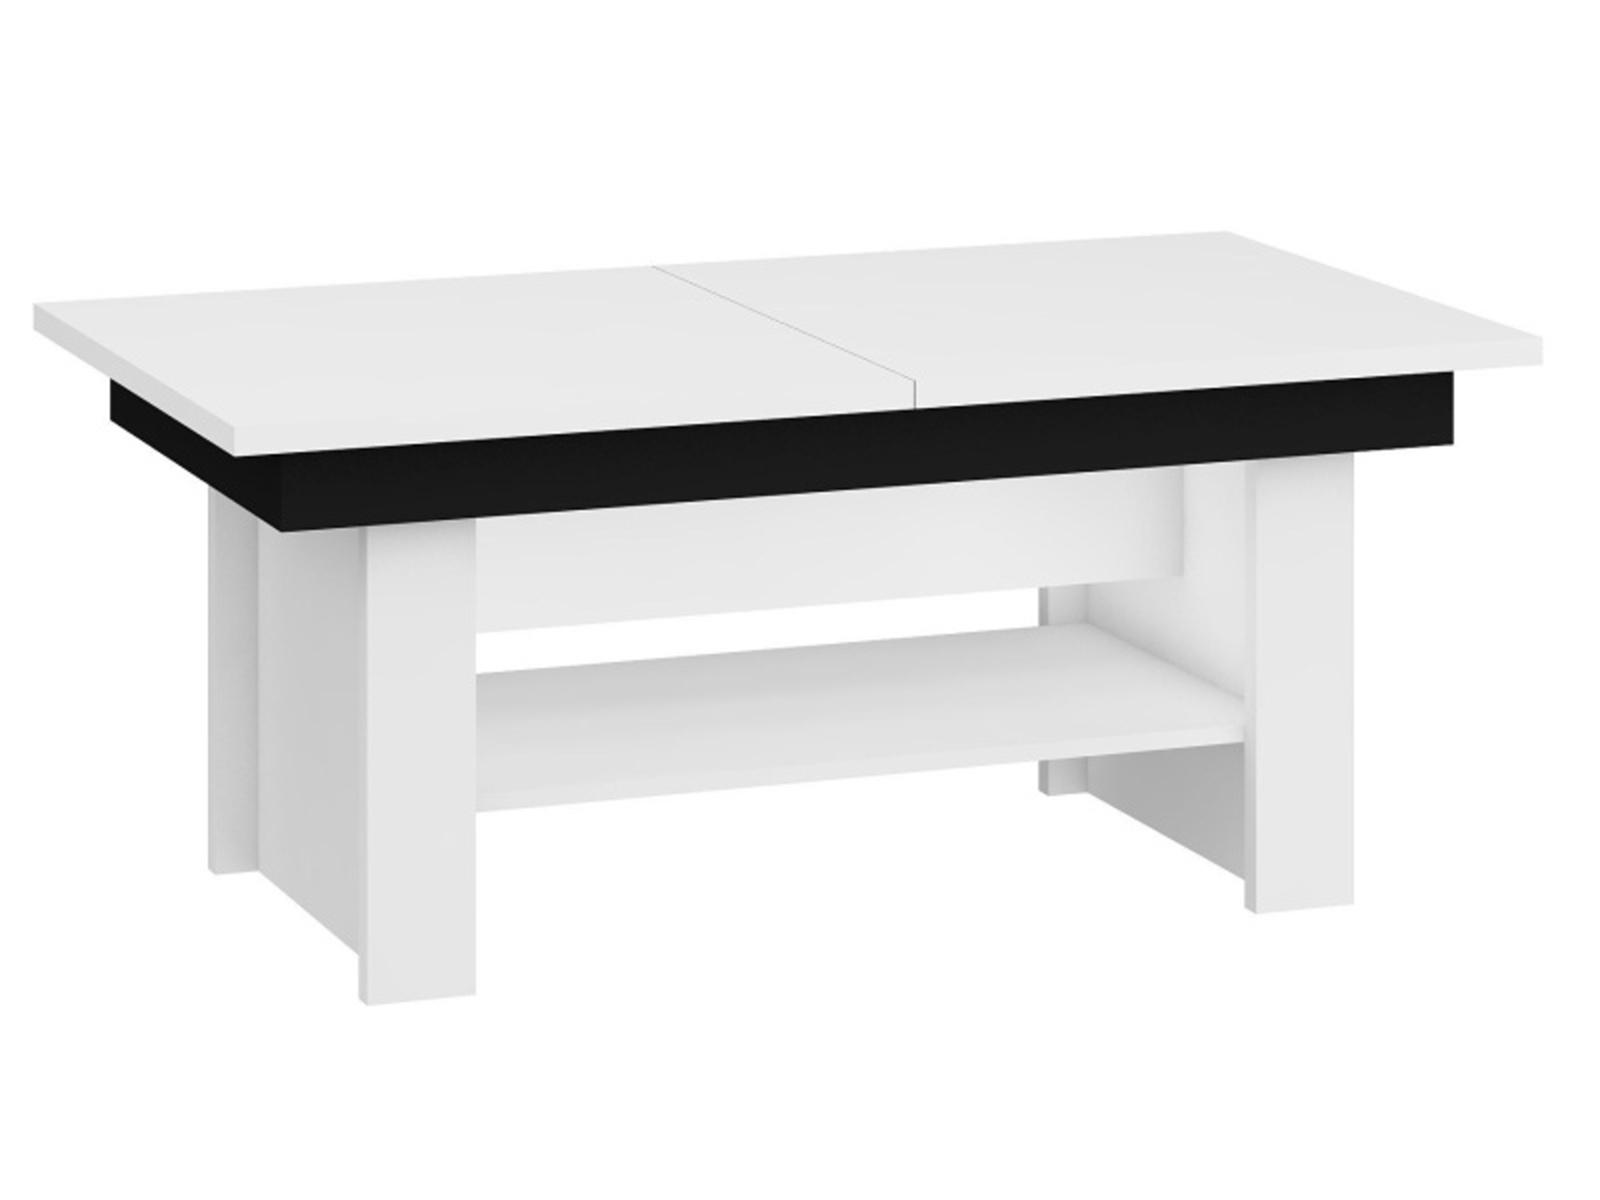 MORAVIA FLAT Konferenční stolek MEXICO rozkládací LESK, barva: bílá/černý lesk